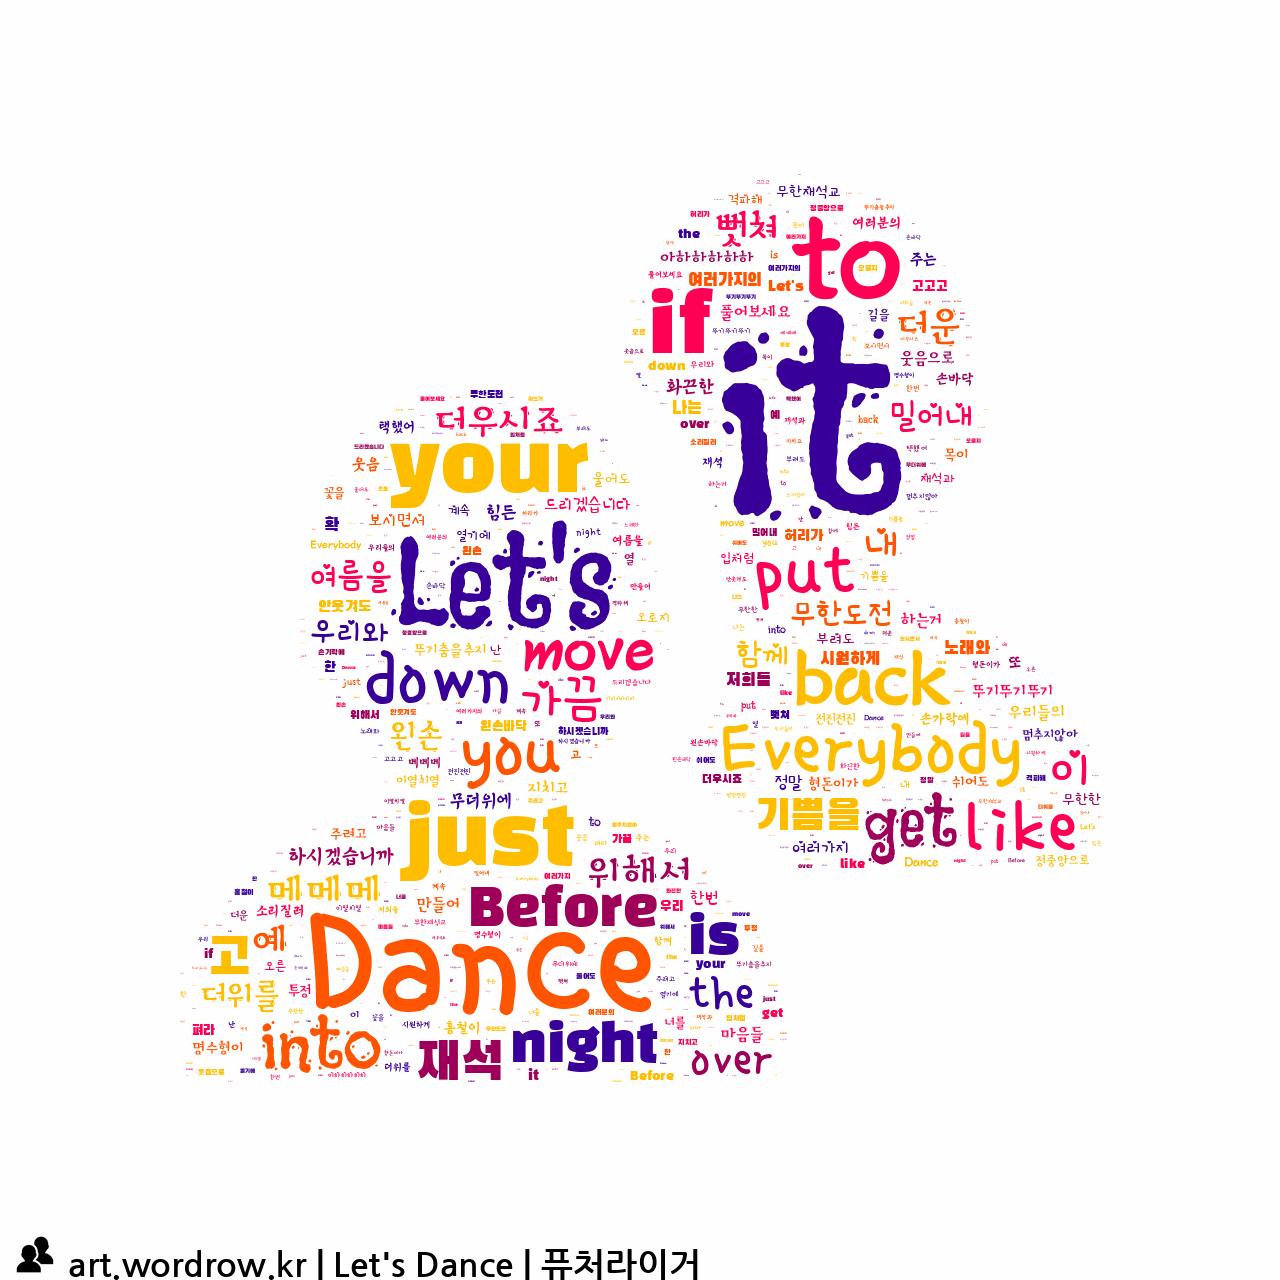 워드 클라우드: Let's Dance [퓨처라이거]-38